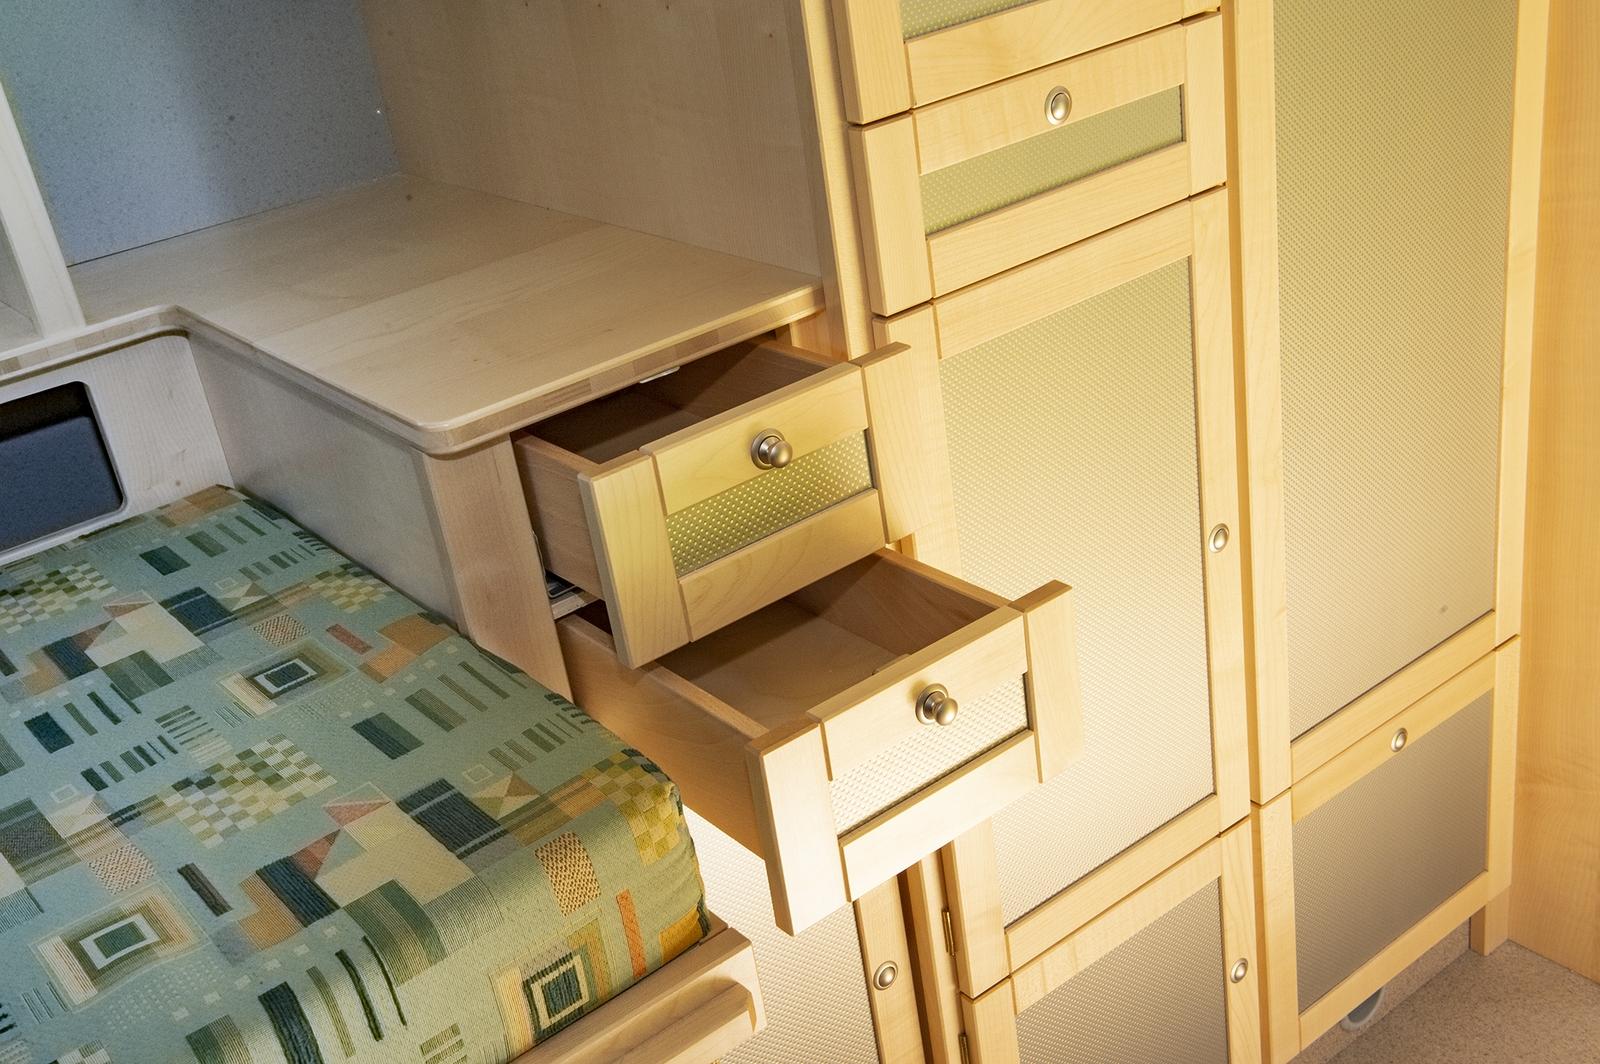 Stauklappen und Schubladen finden sich in den unterschiedlichsten Größen. Im Bimobil Unimog hat man viel Platz für Gepäck und Ausrüstung und kann trotzdem gut Ordnung halten.